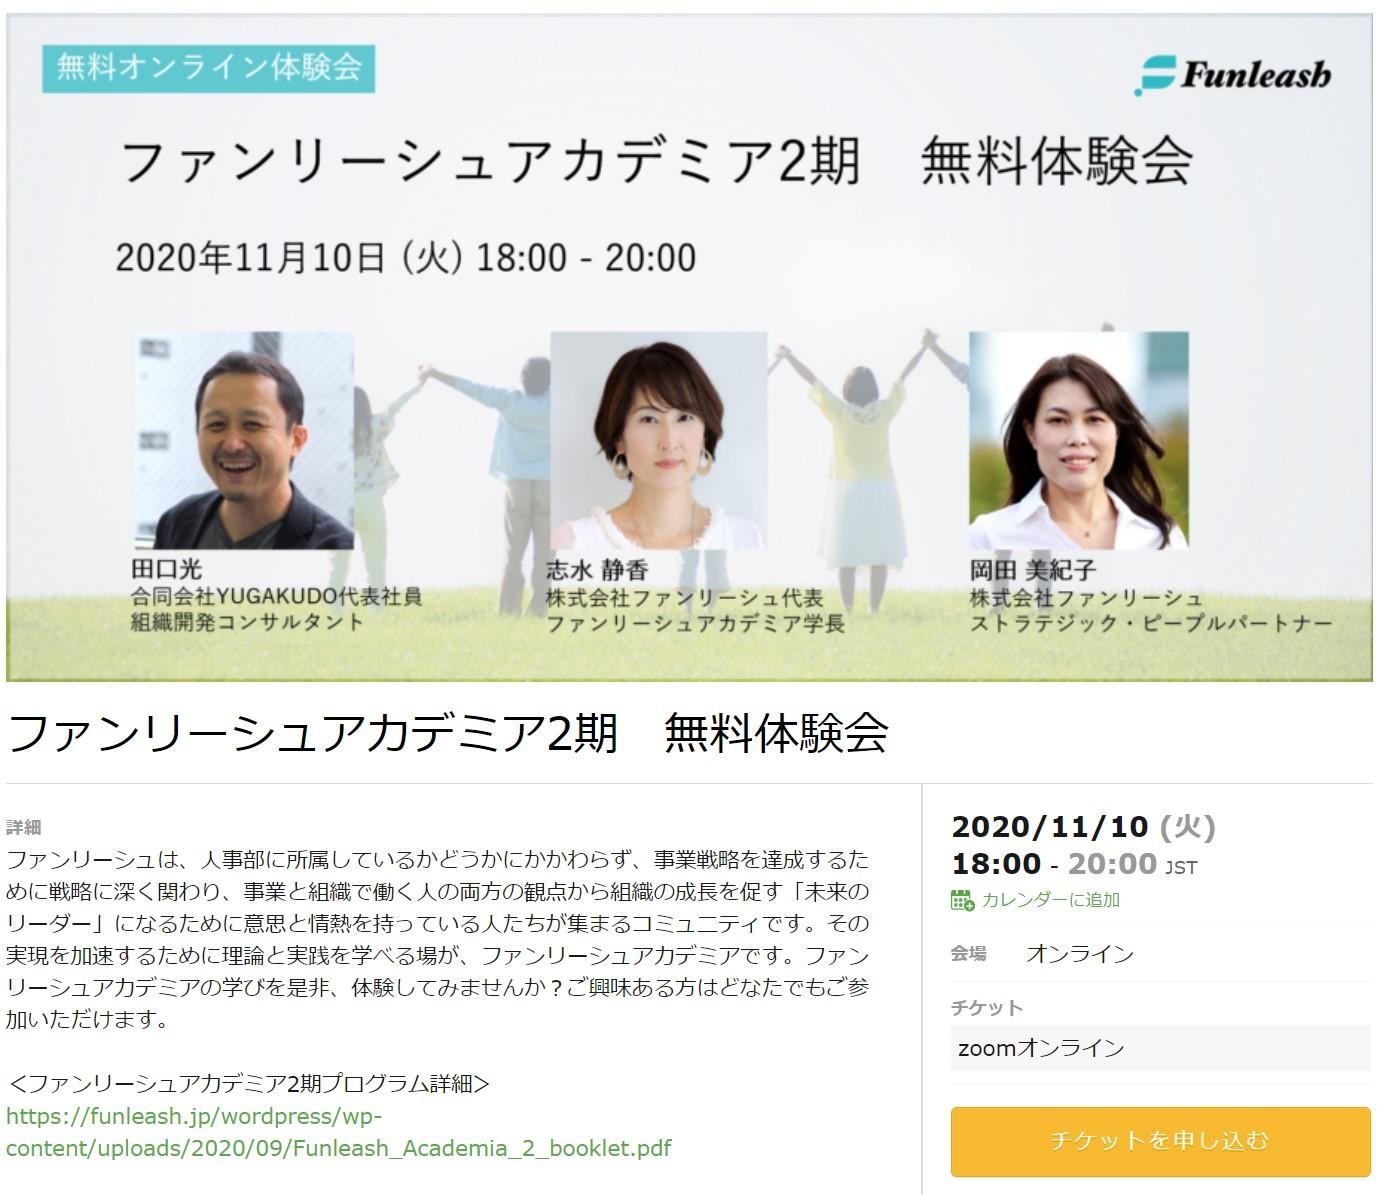 2020-11-10 ファンリーシュアカデミア2期 無料体験会